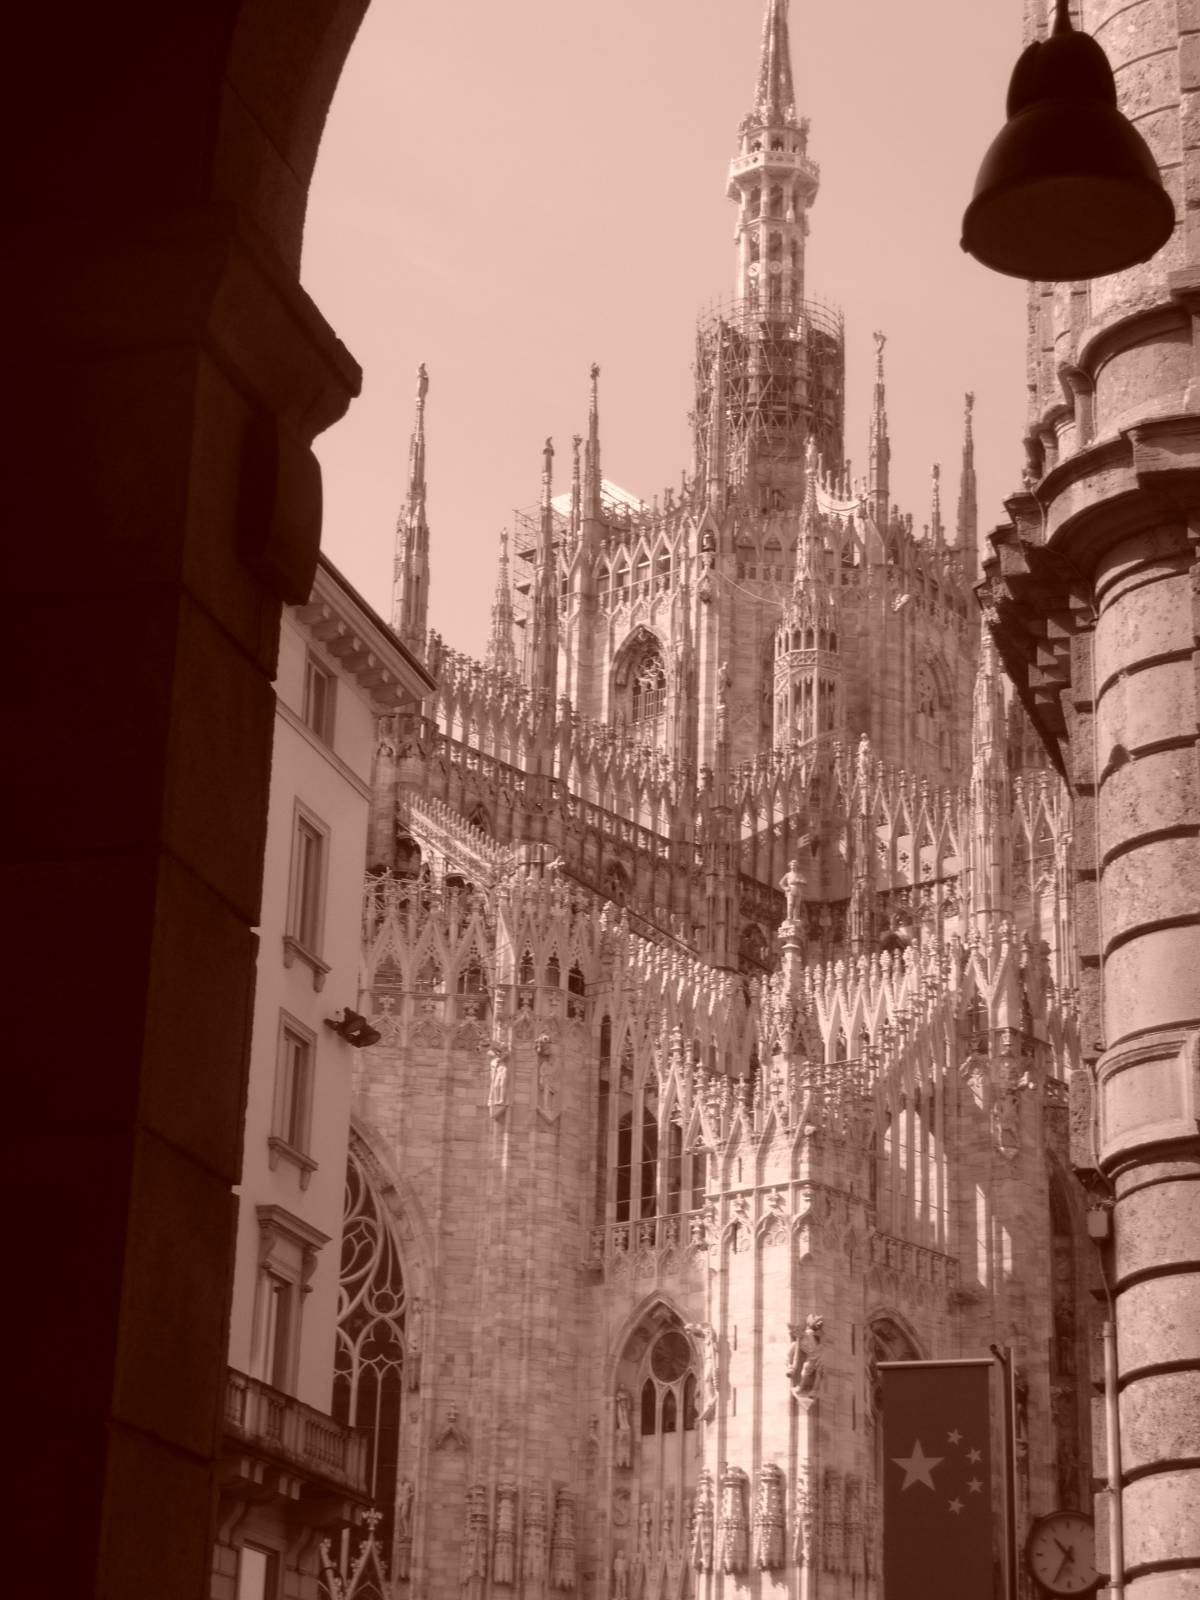 Maria Pia Severi, Milano come non l'avete mai vista